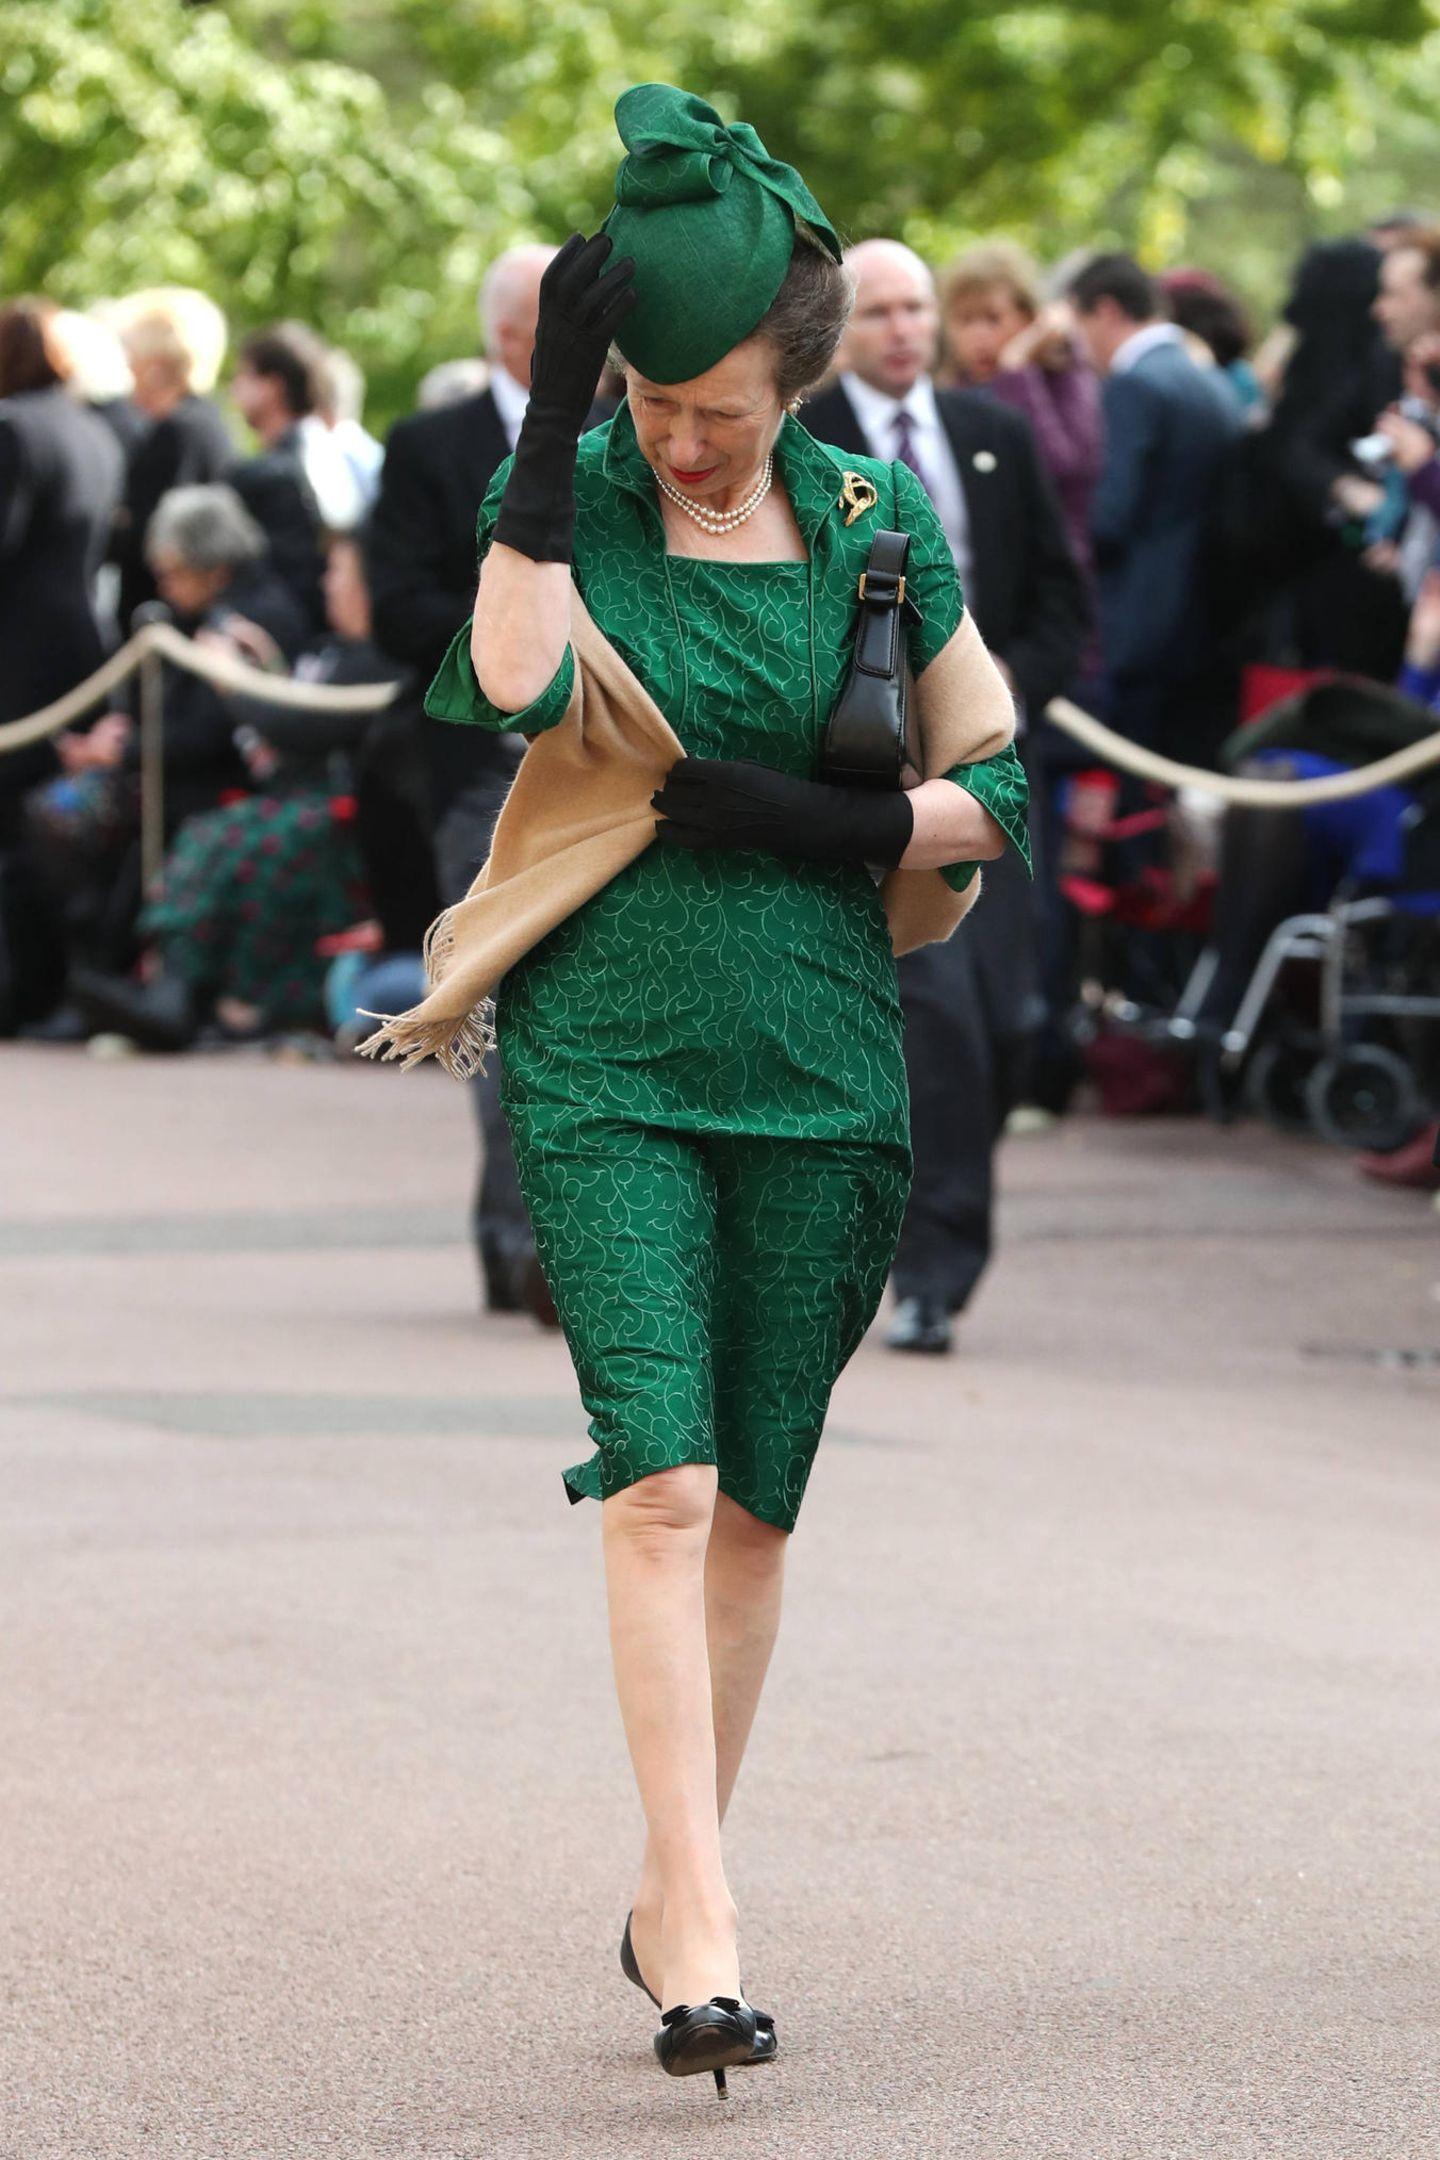 Prinzessin Anne hat bei ihrer Ankunft mit dem Wind zu kämpfen. Ihren Hut, der perfekt zu ihrem ganzen Look passt, hält sie dennoch erfolgreich auf dem Kopf.